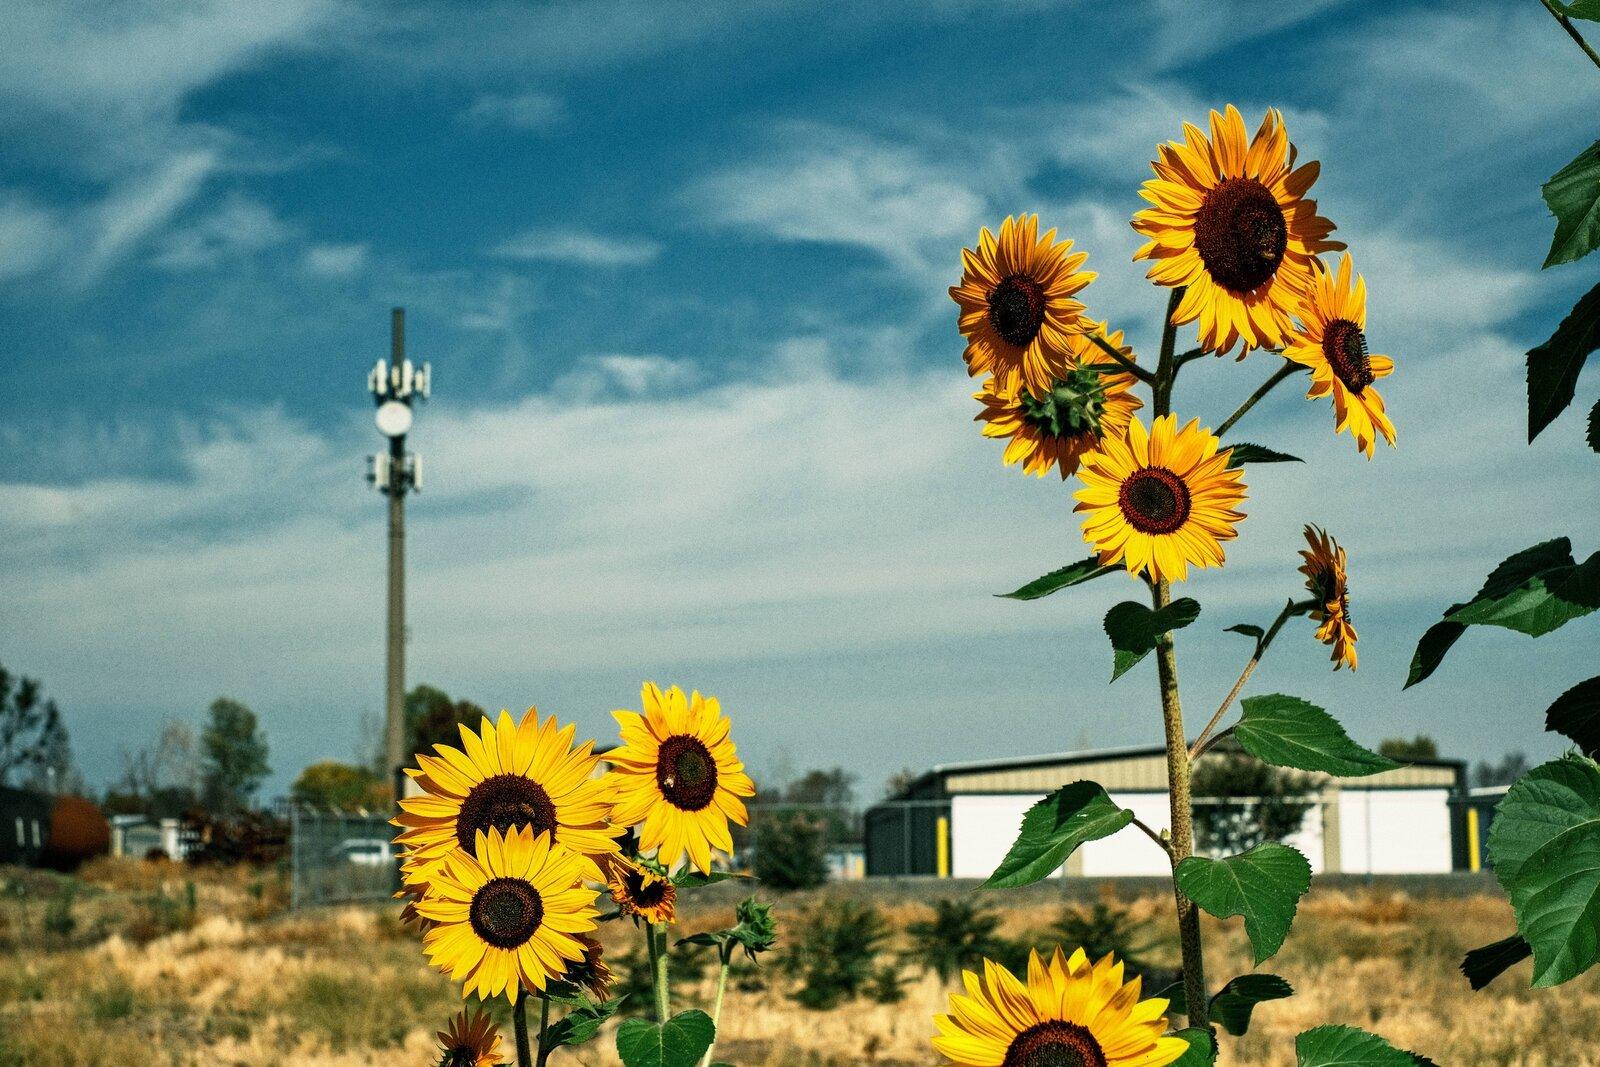 XPro3_Sept13_21_sunflowers+cellphone_tower.jpg